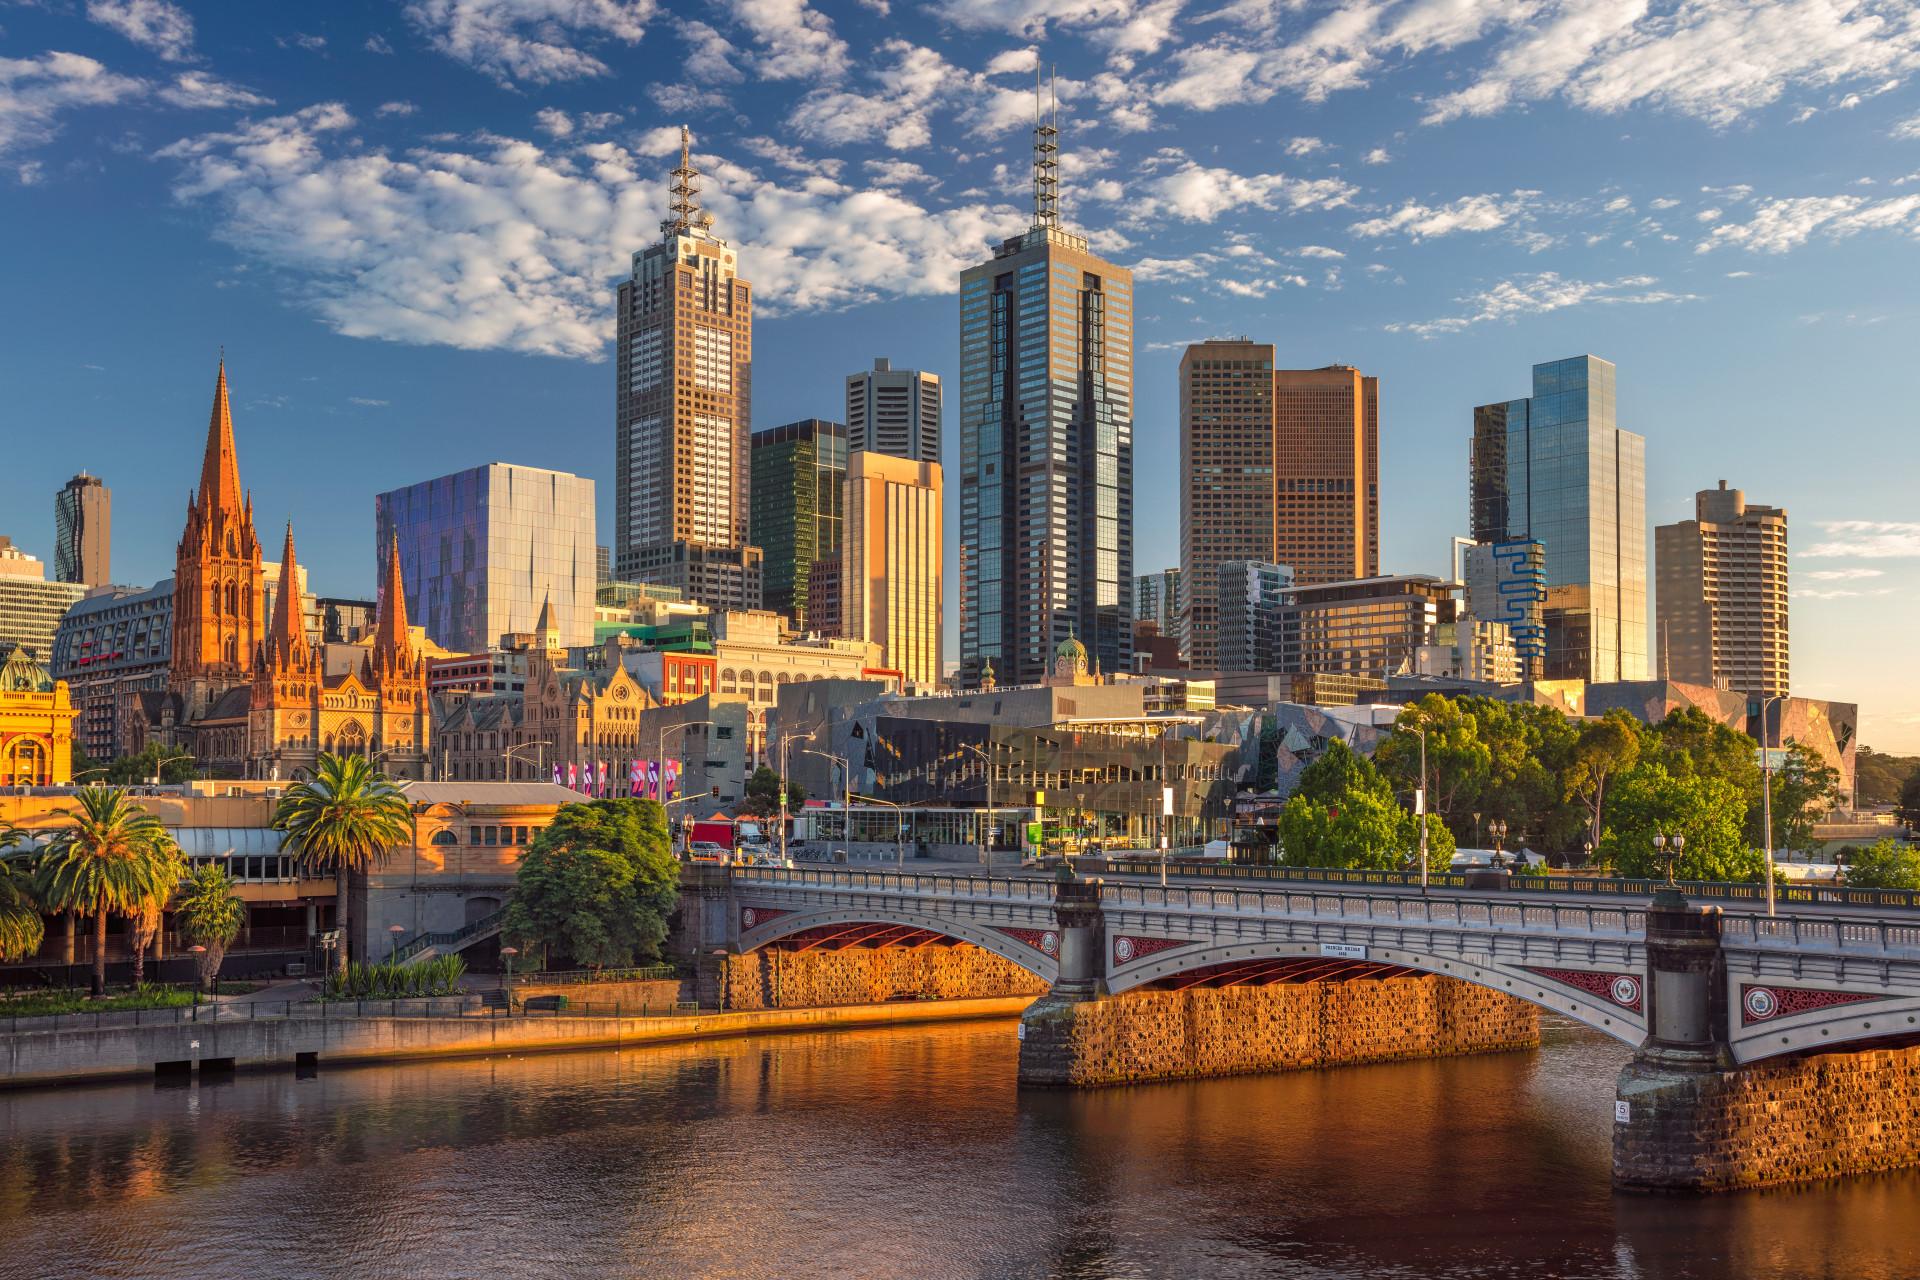 Eis as melhores cidades para morar em 2018